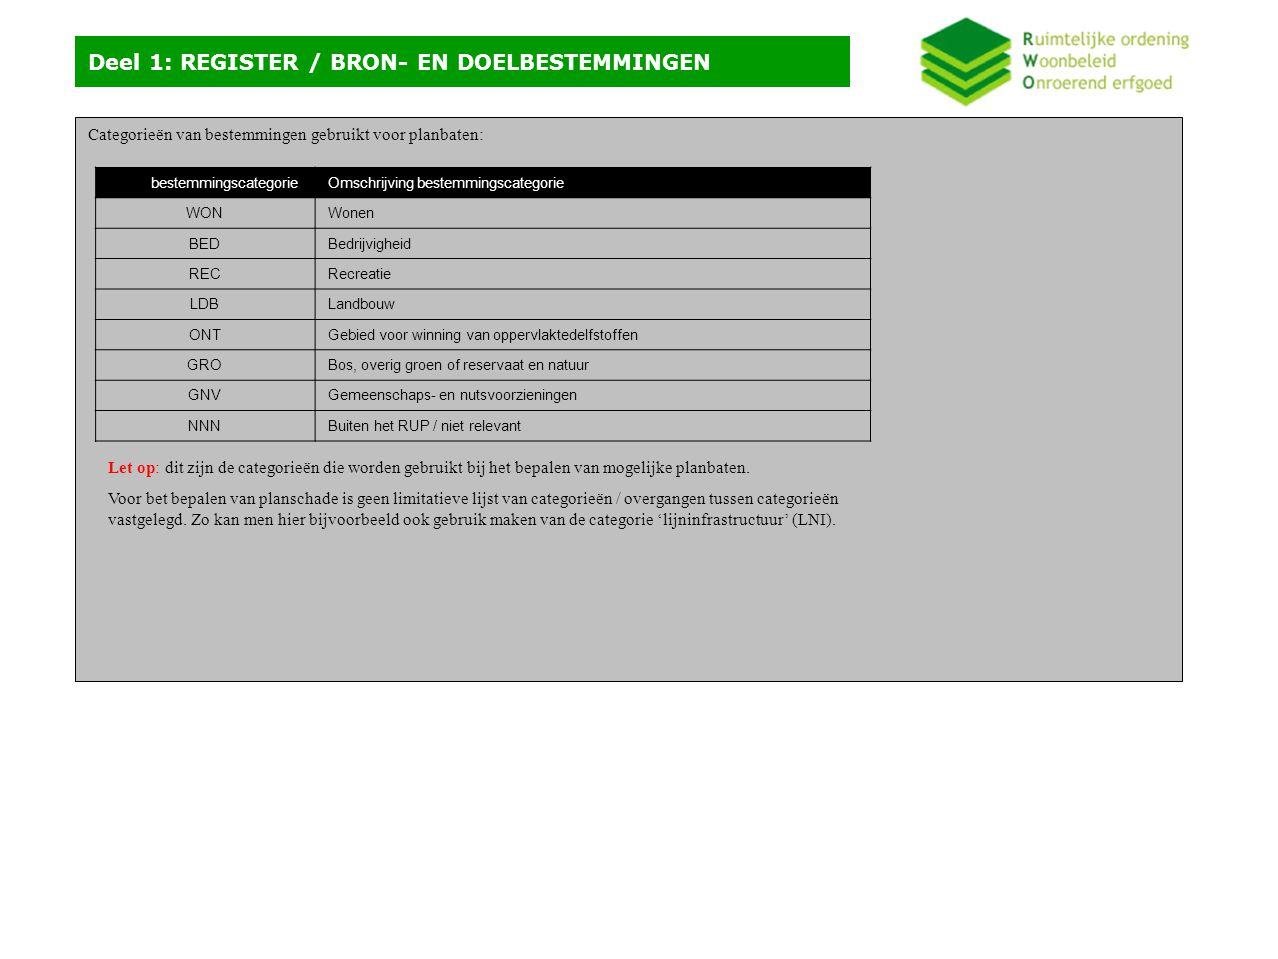 Categorieën van bestemmingen gebruikt voor planbaten: Deel 1: REGISTER / BRON- EN DOELBESTEMMINGEN Code bestemmingscategorieOmschrijving bestemmingscategorie WONWonen BEDBedrijvigheid RECRecreatie LDBLandbouw ONTGebied voor winning van oppervlaktedelfstoffen GROBos, overig groen of reservaat en natuur GNVGemeenschaps- en nutsvoorzieningen NNNBuiten het RUP / niet relevant Let op: dit zijn de categorieën die worden gebruikt bij het bepalen van mogelijke planbaten.